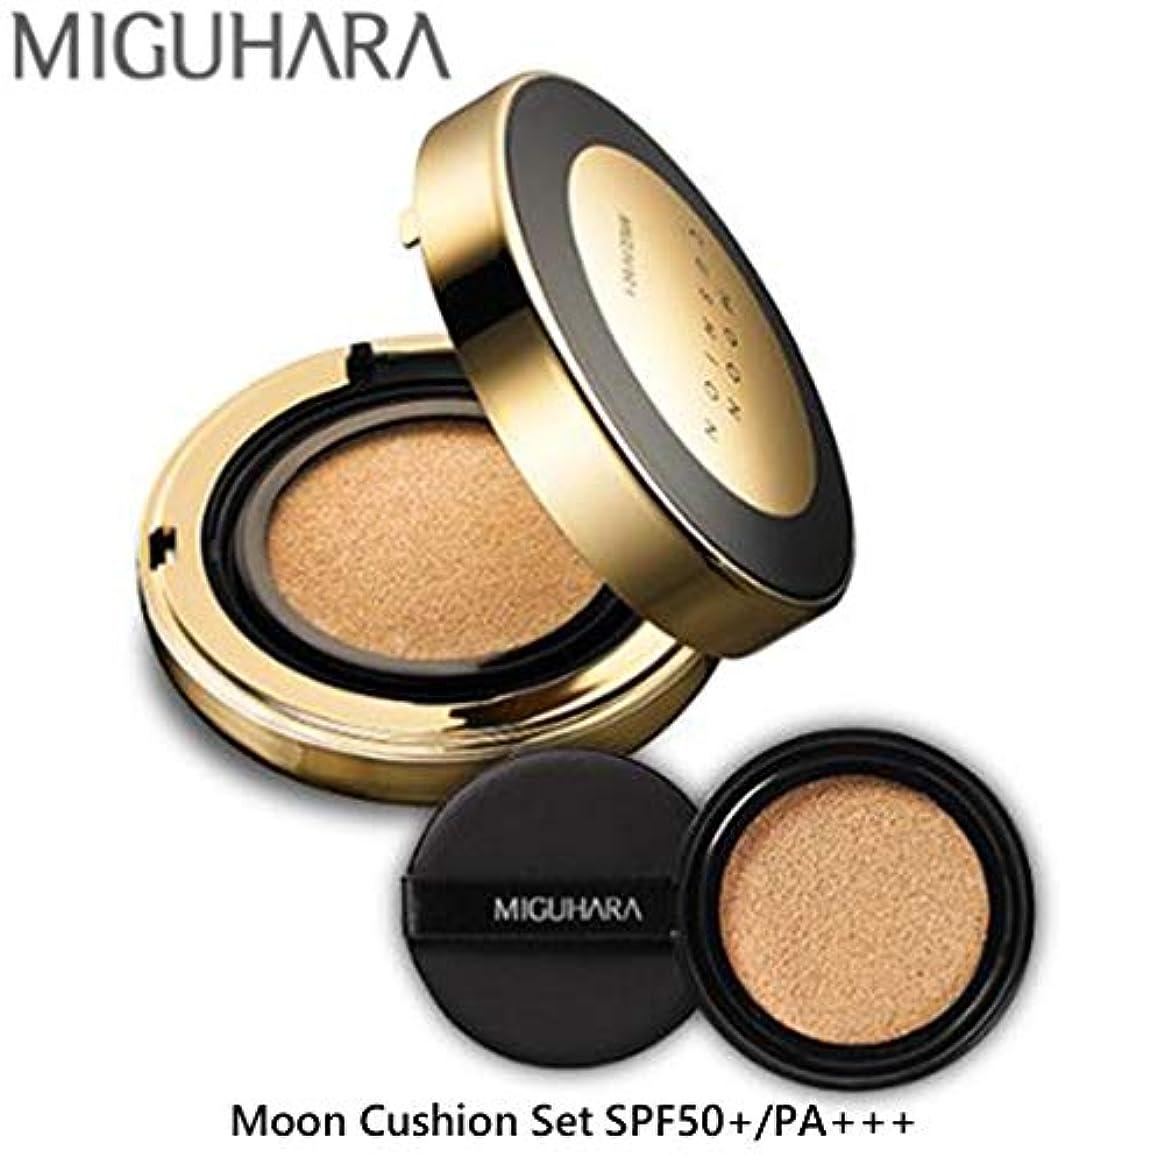 ドライブ換気規定MIGUHARA Moon Cushion Set SPF50+/PA+++ (14g+14g)